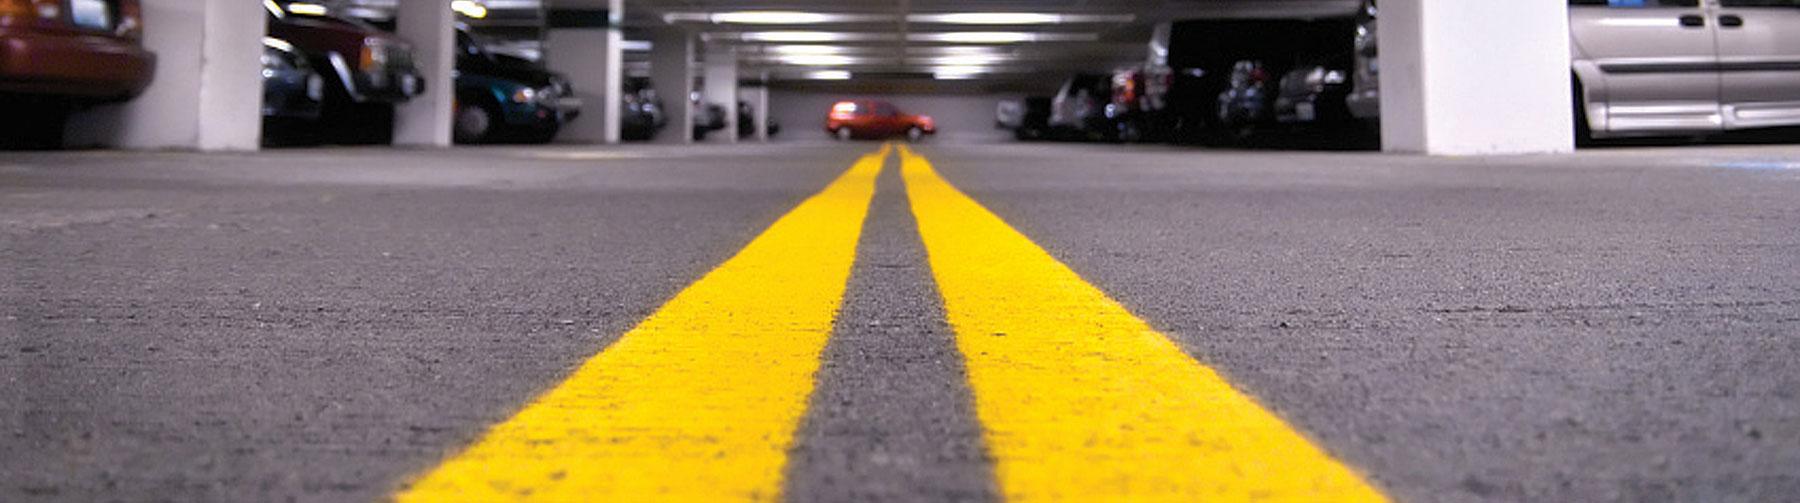 convergent group - LM - concrete - floor